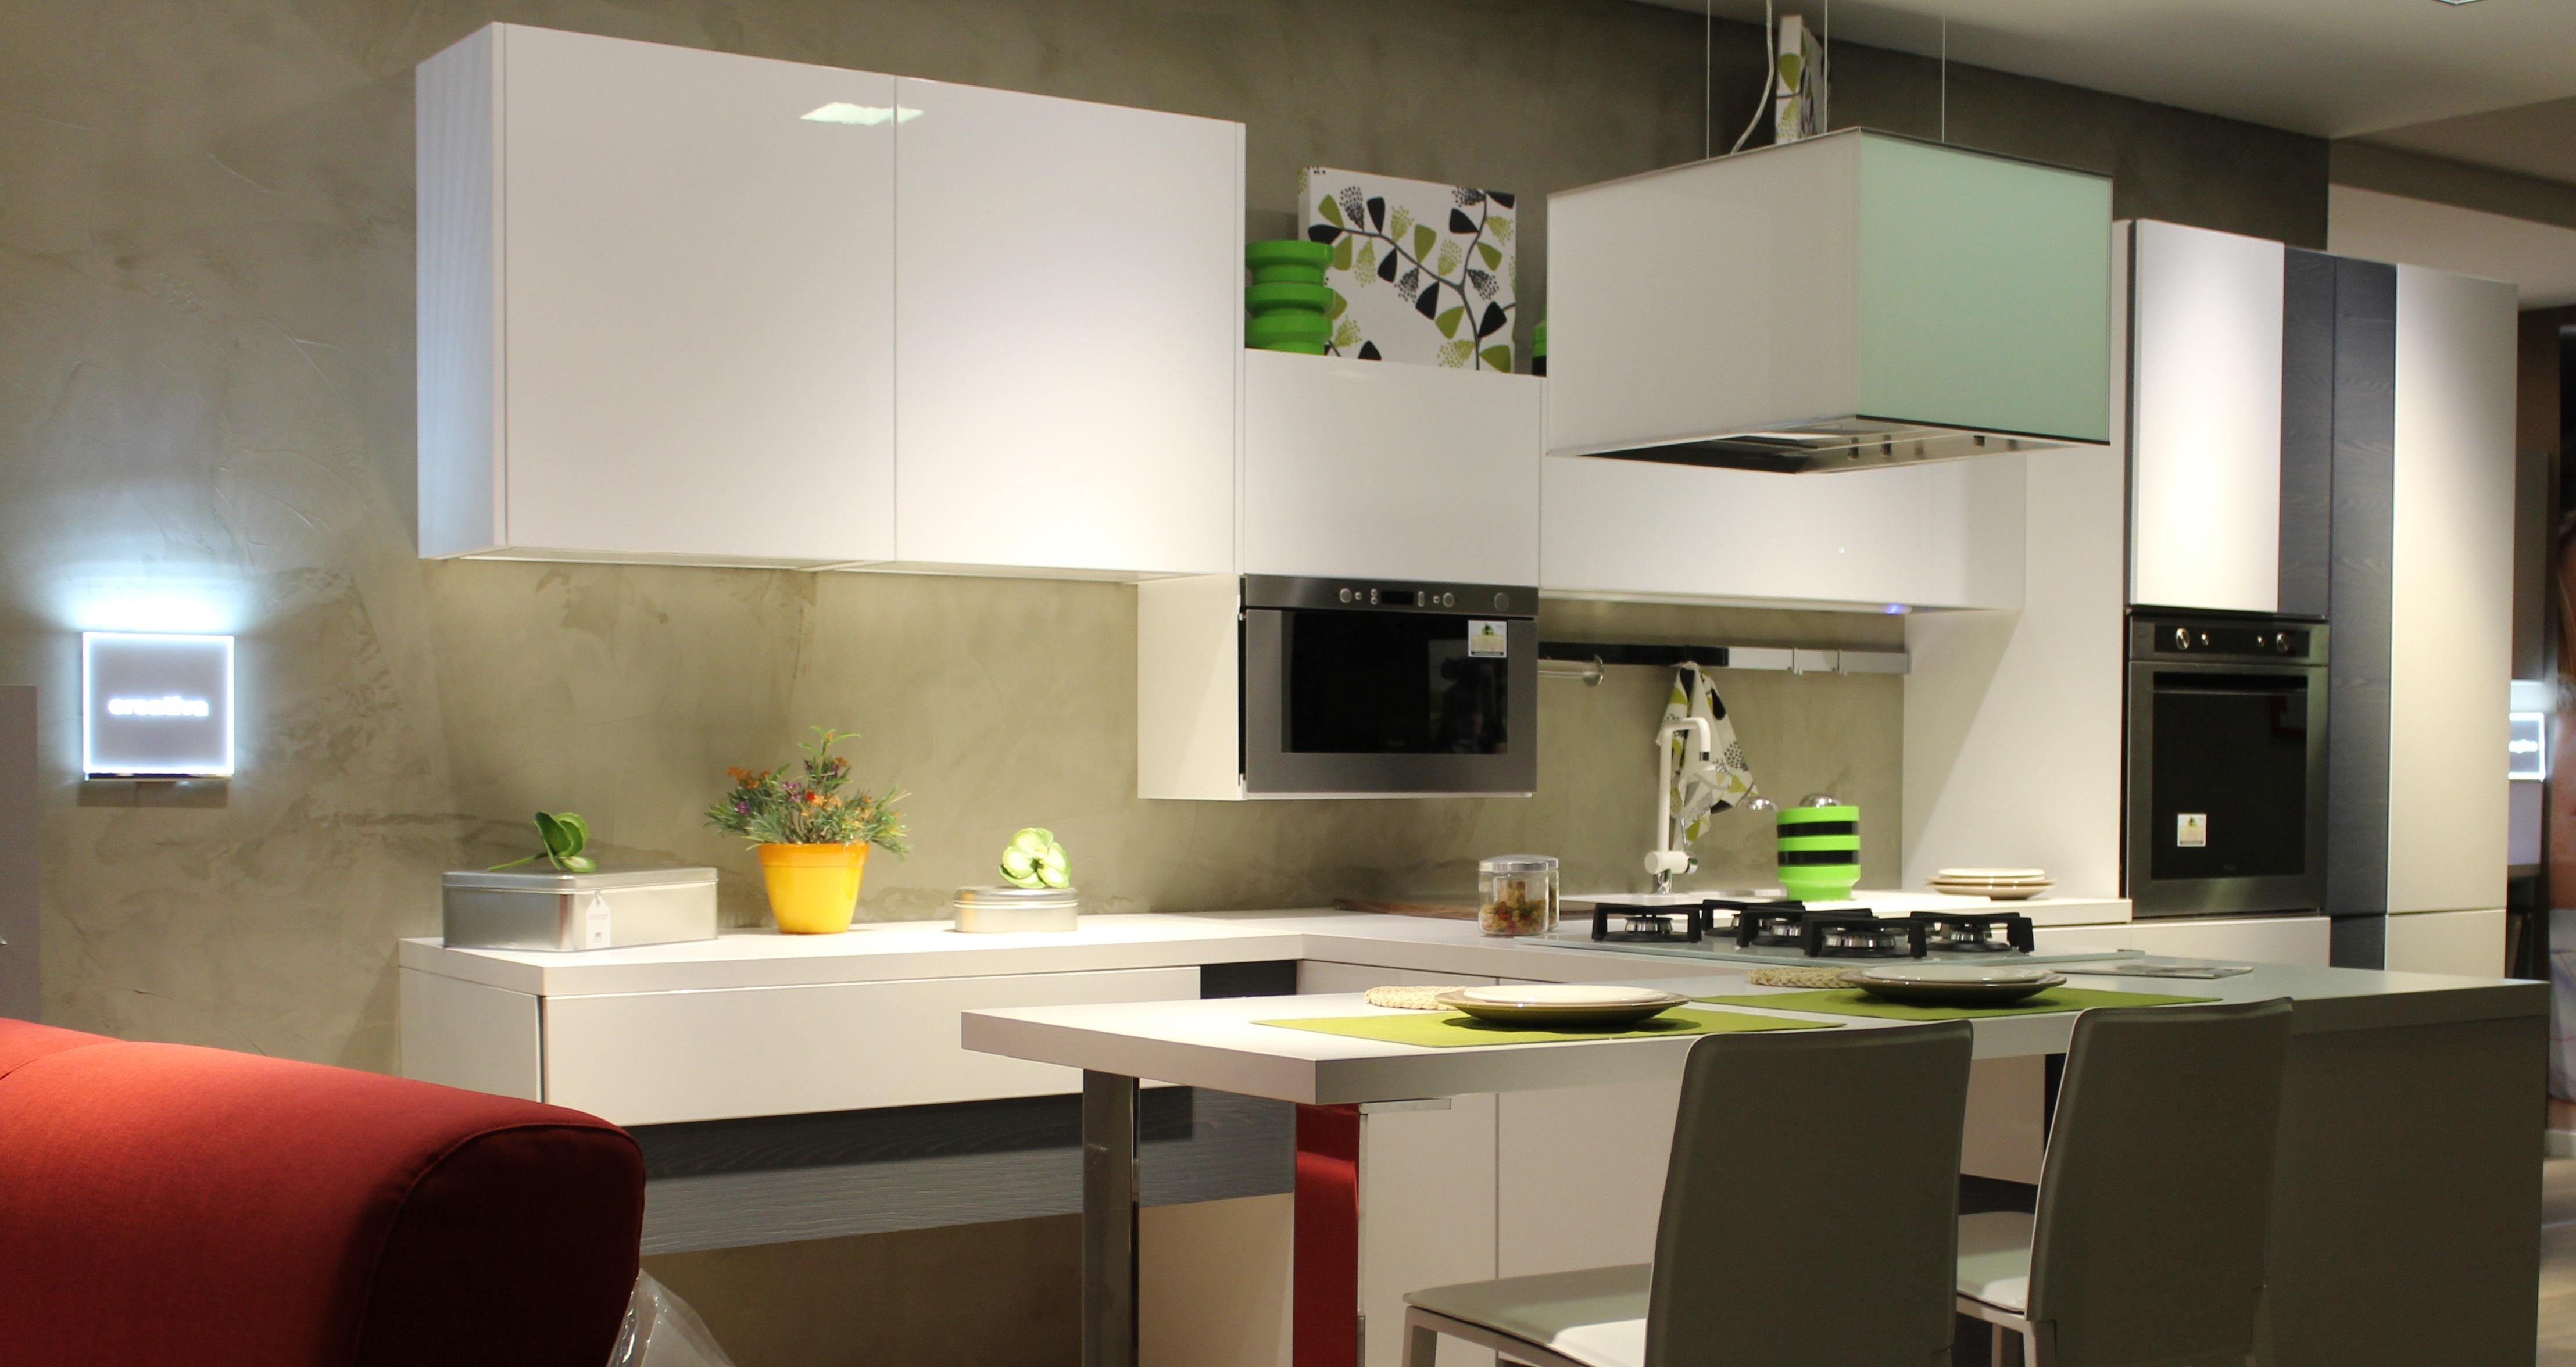 Как декорировать кухонную мебель